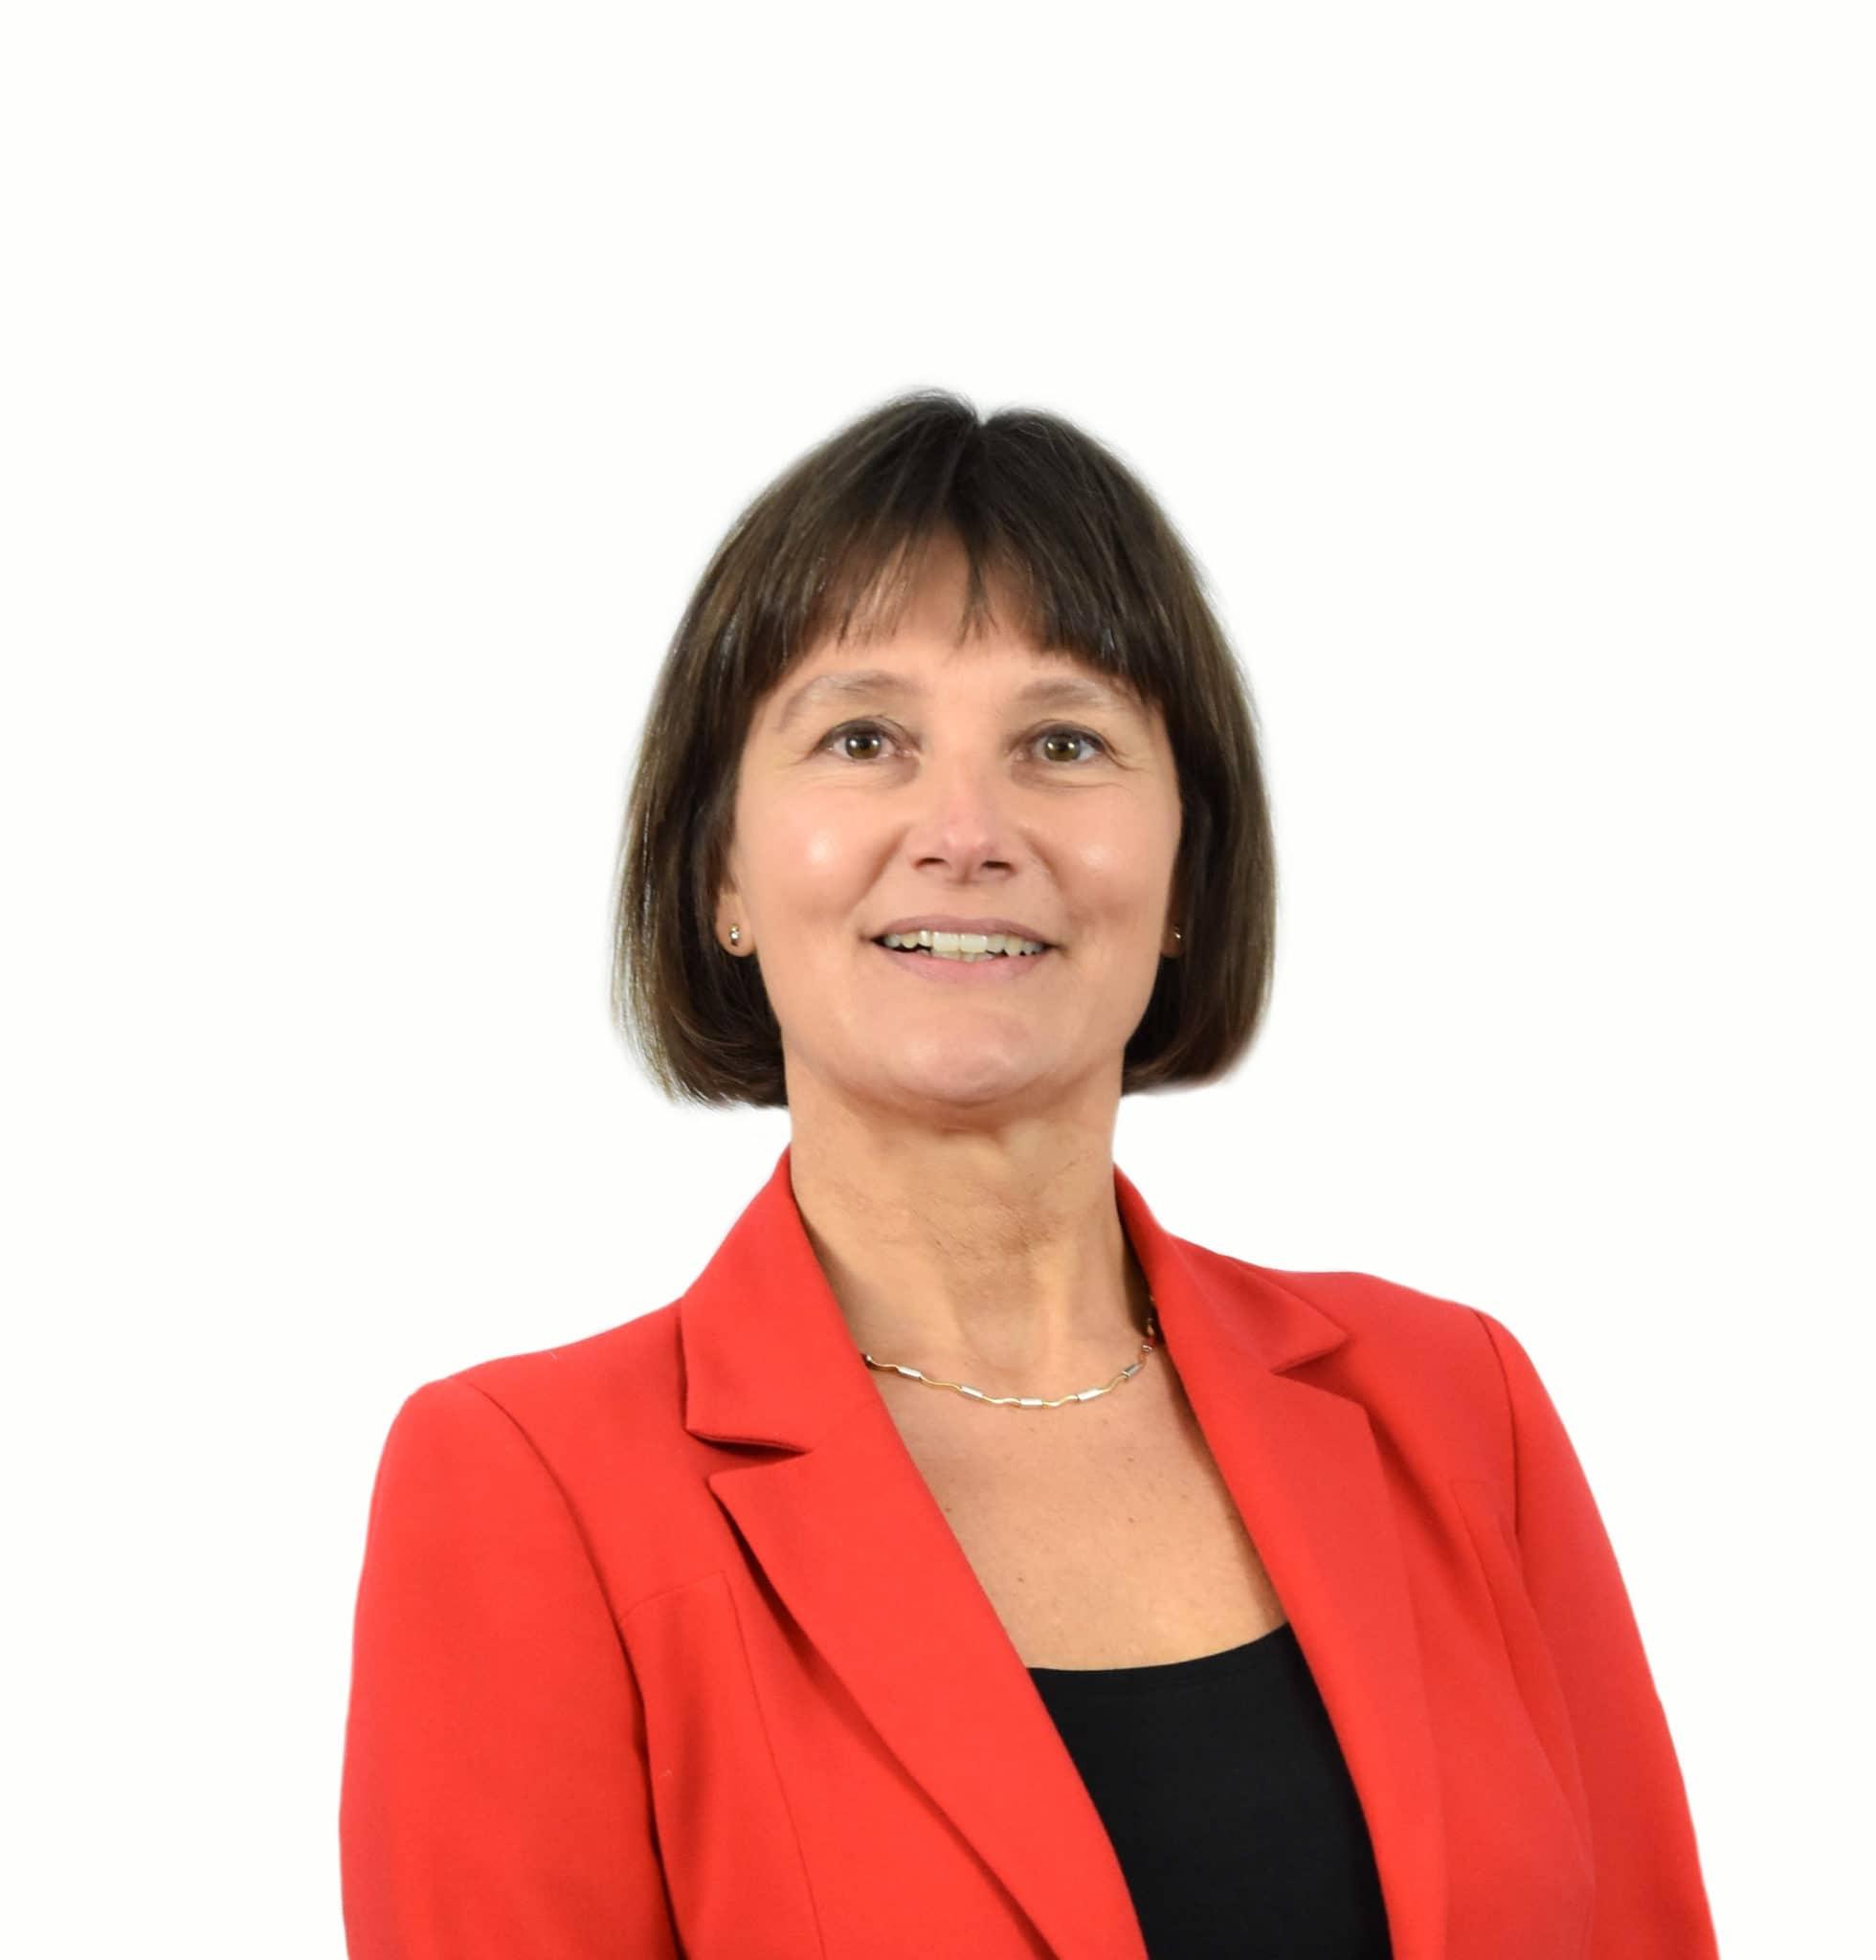 Heidi Verschoor